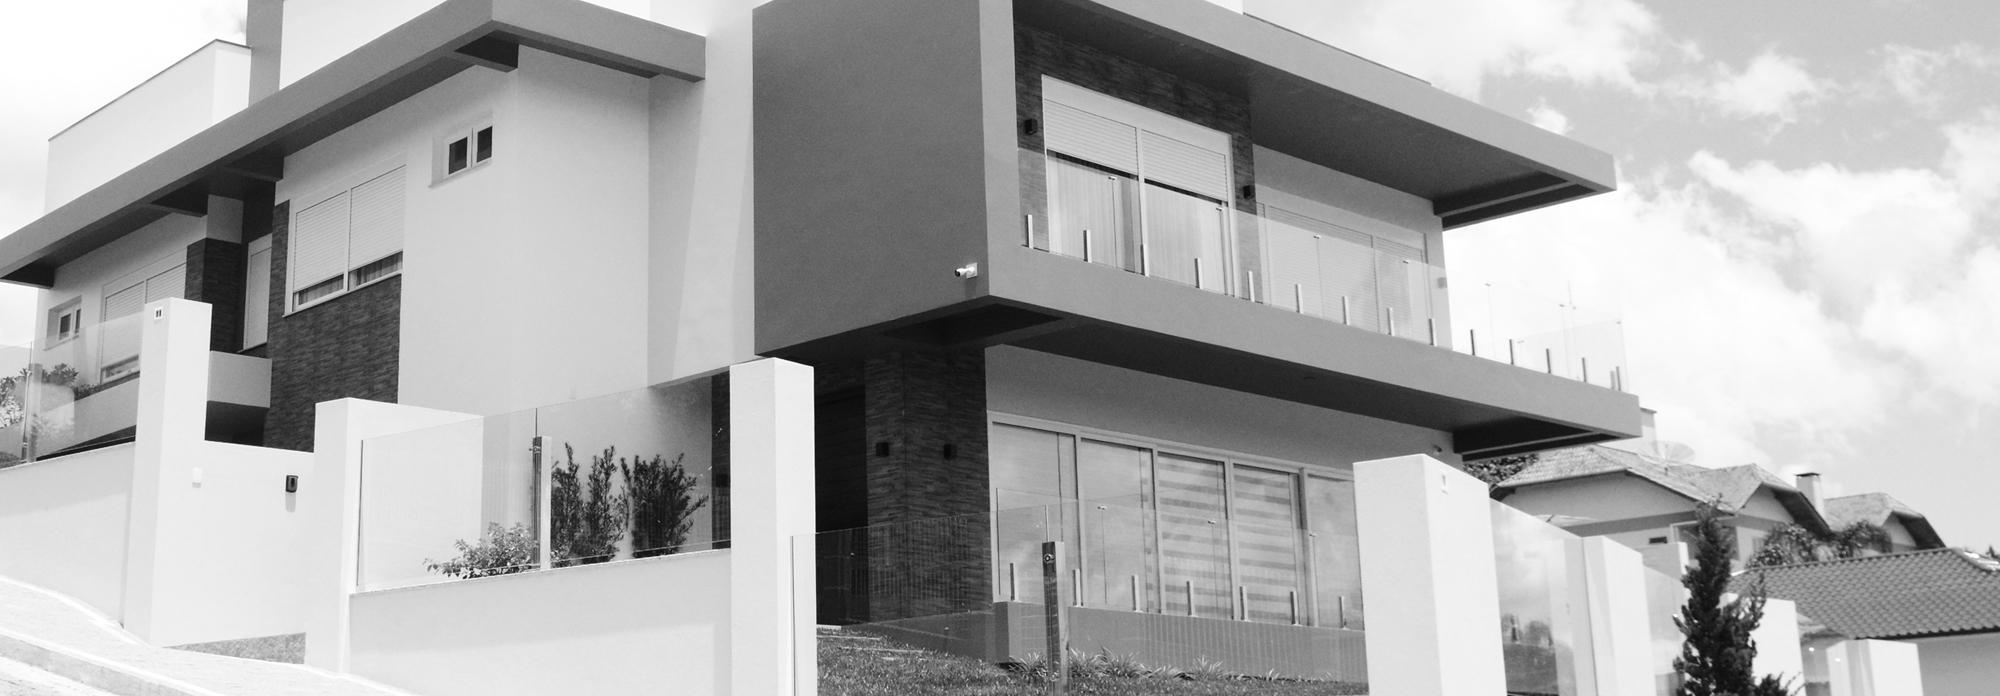 imagem-arquitetura-banner6-sem-logo